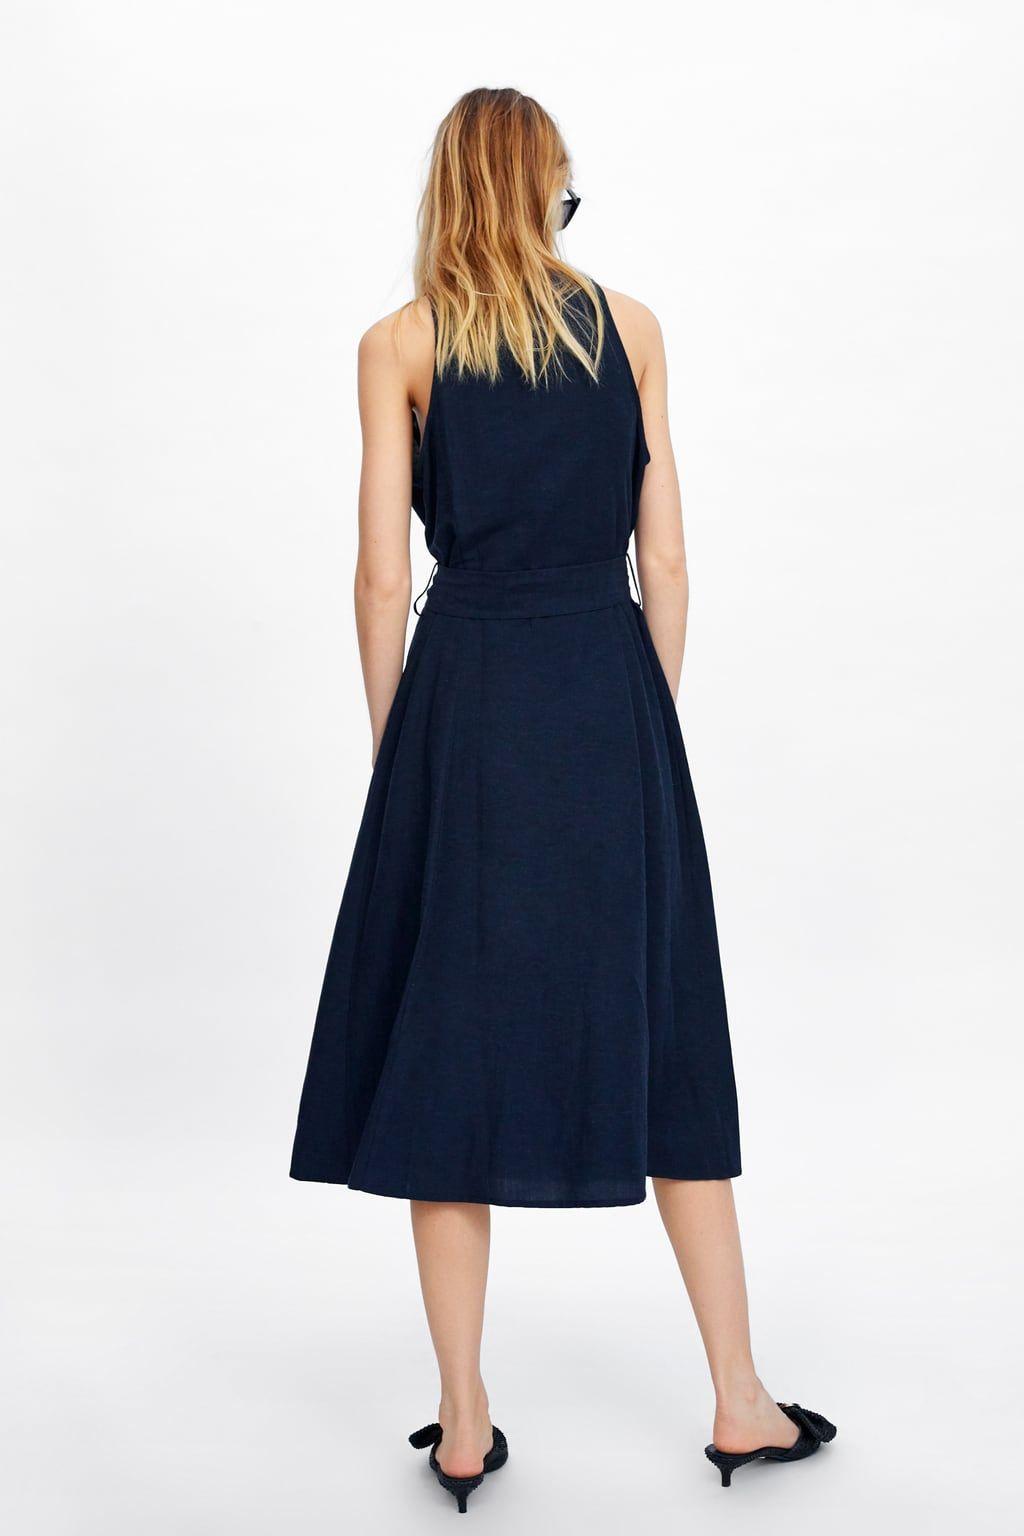 Dress With Pockets View All Dresses Woman Zara United Kingdom Dresses Womens Maxi Dresses Pocket Maxi Dress